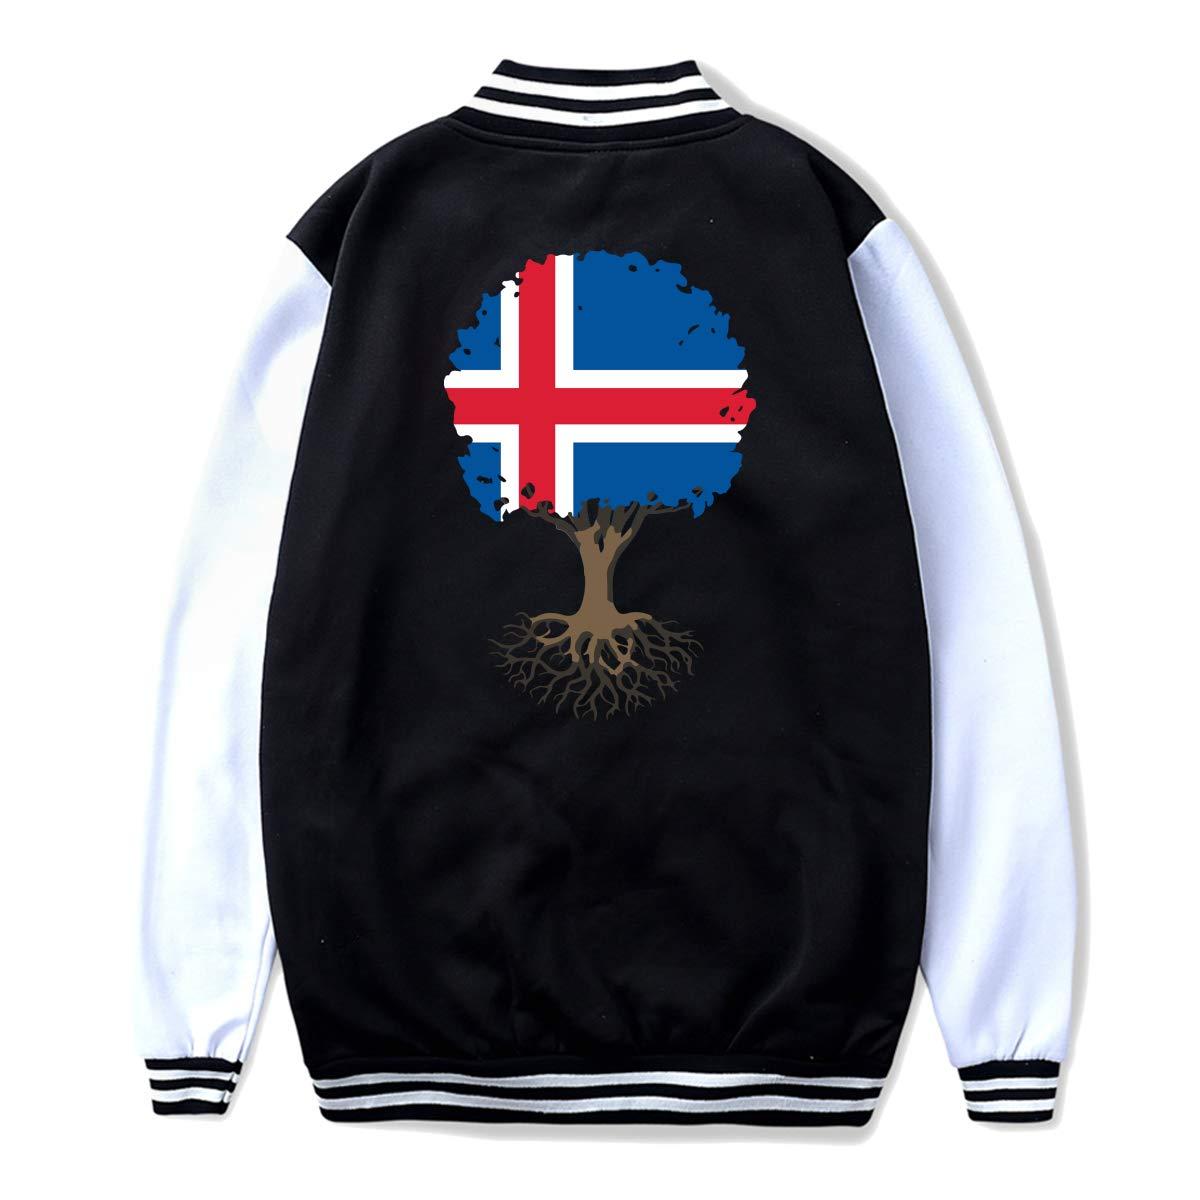 NJKM5MJ Unisex Youth Baseball Uniform Jacket Tree of Life with Iceland Flag Hoodie Coat Sweater Sweatshirt Back Print